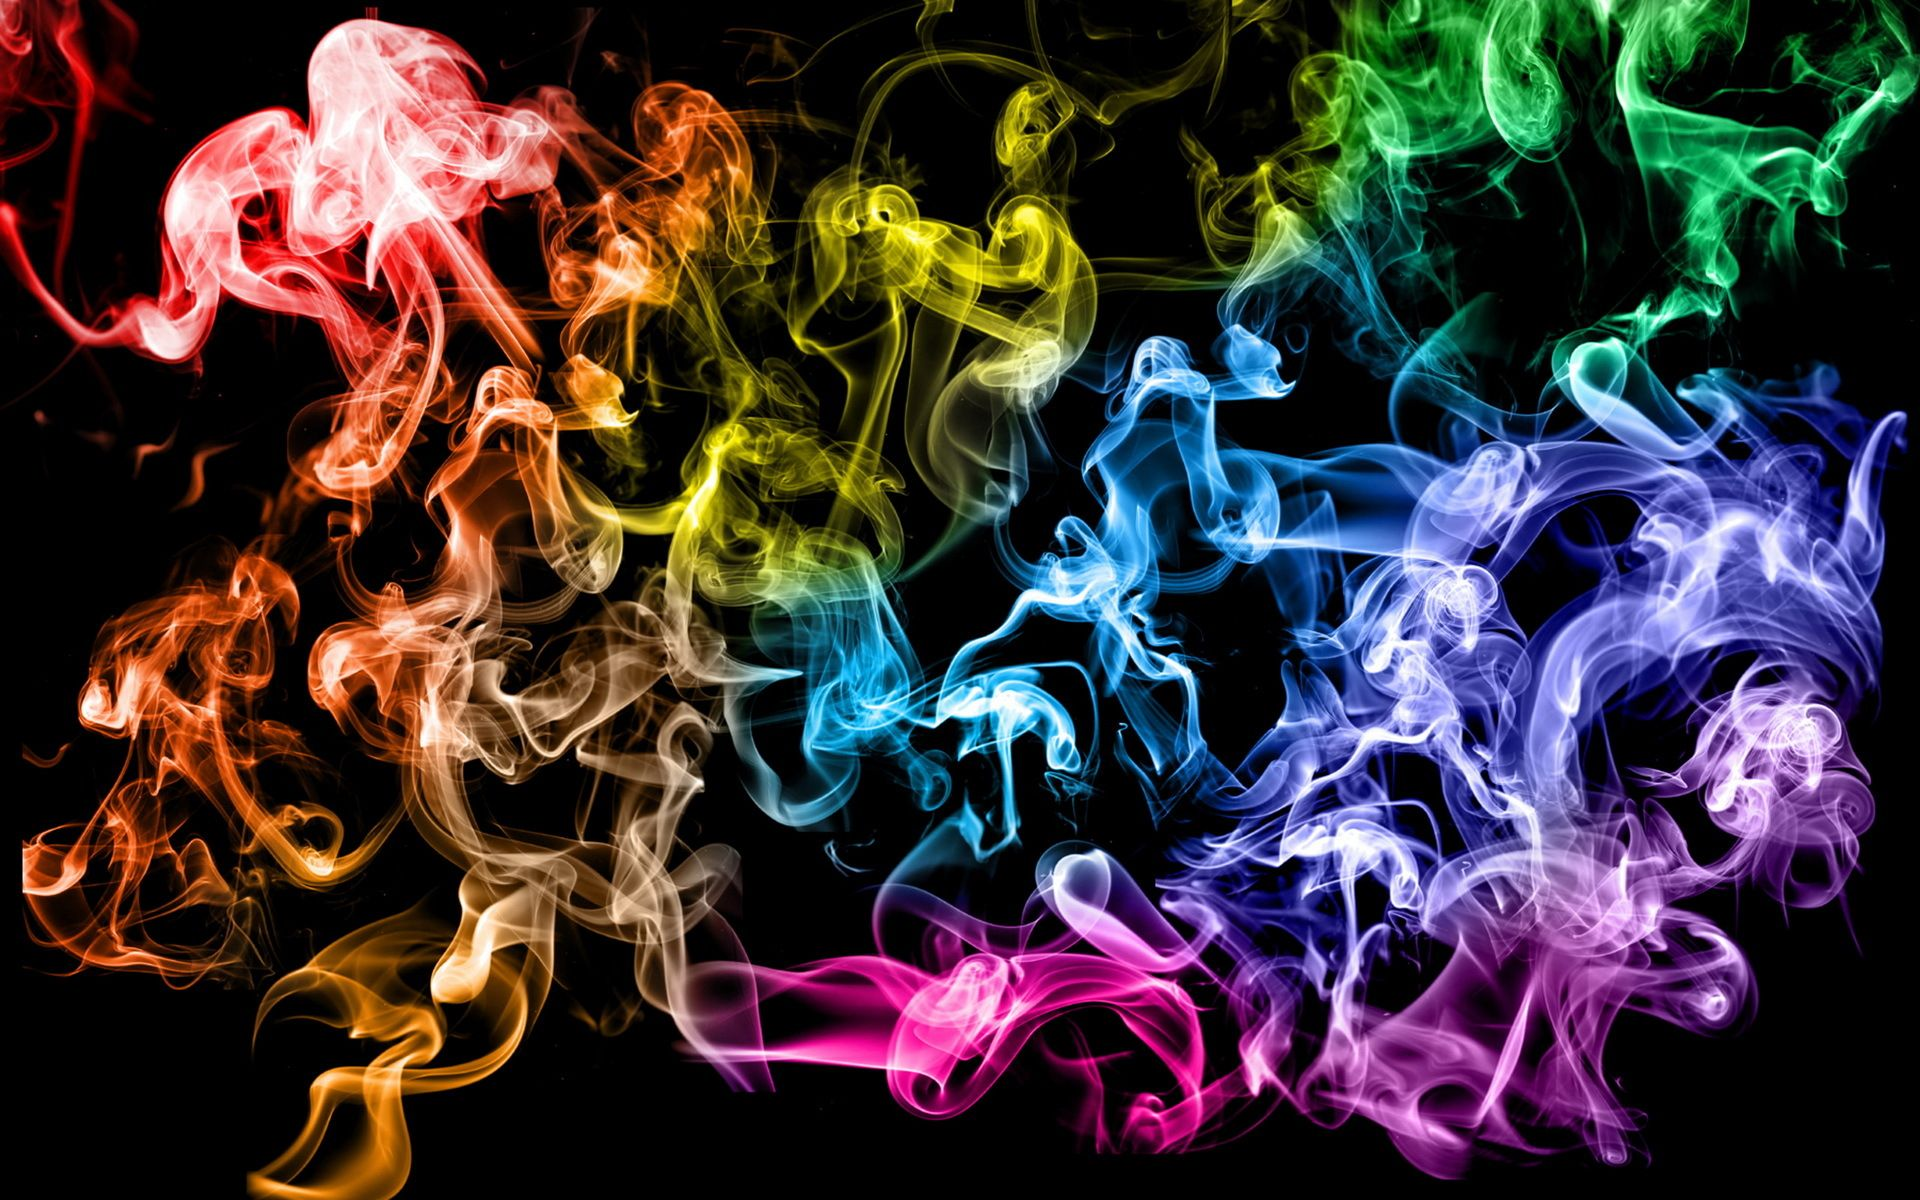 colorsmokewidehdwallpaperdownloadcolorsmokeimages